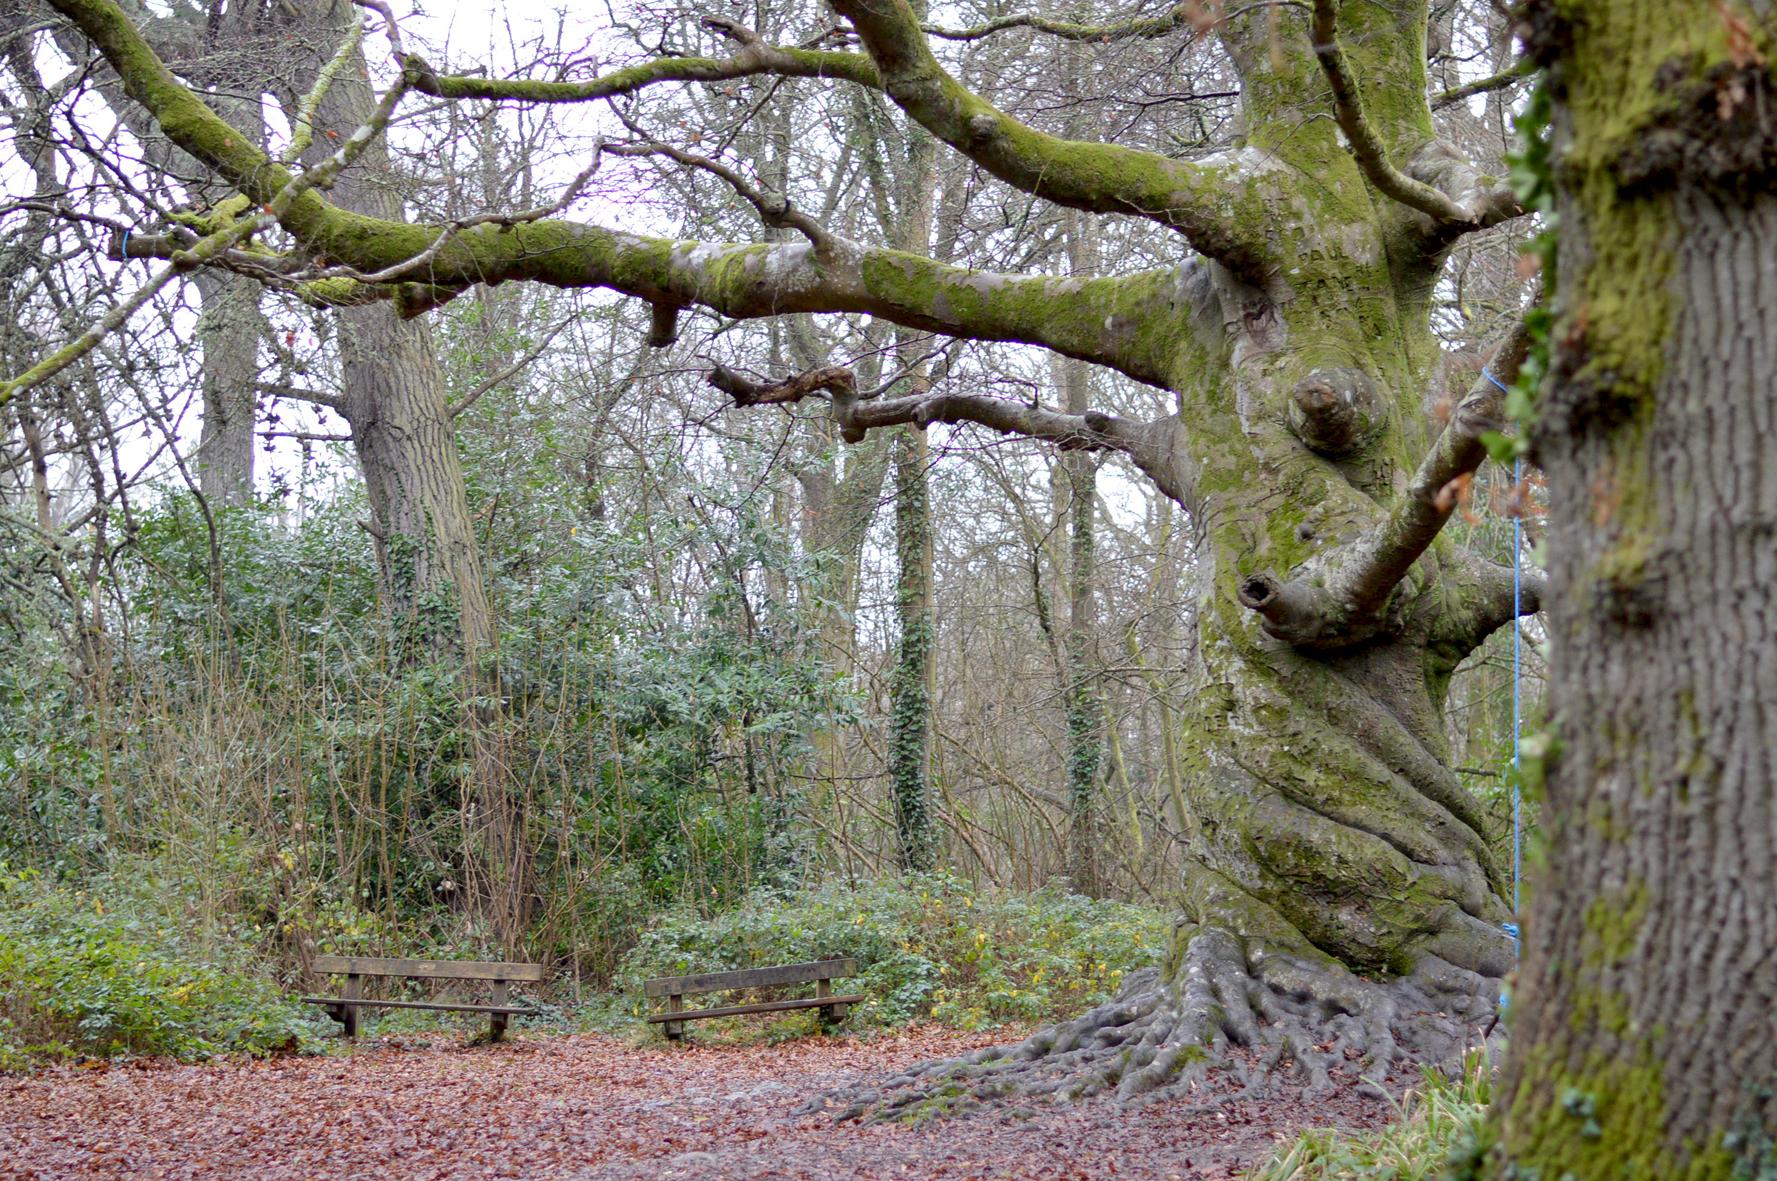 Twisted Tree, Tehidy Woods